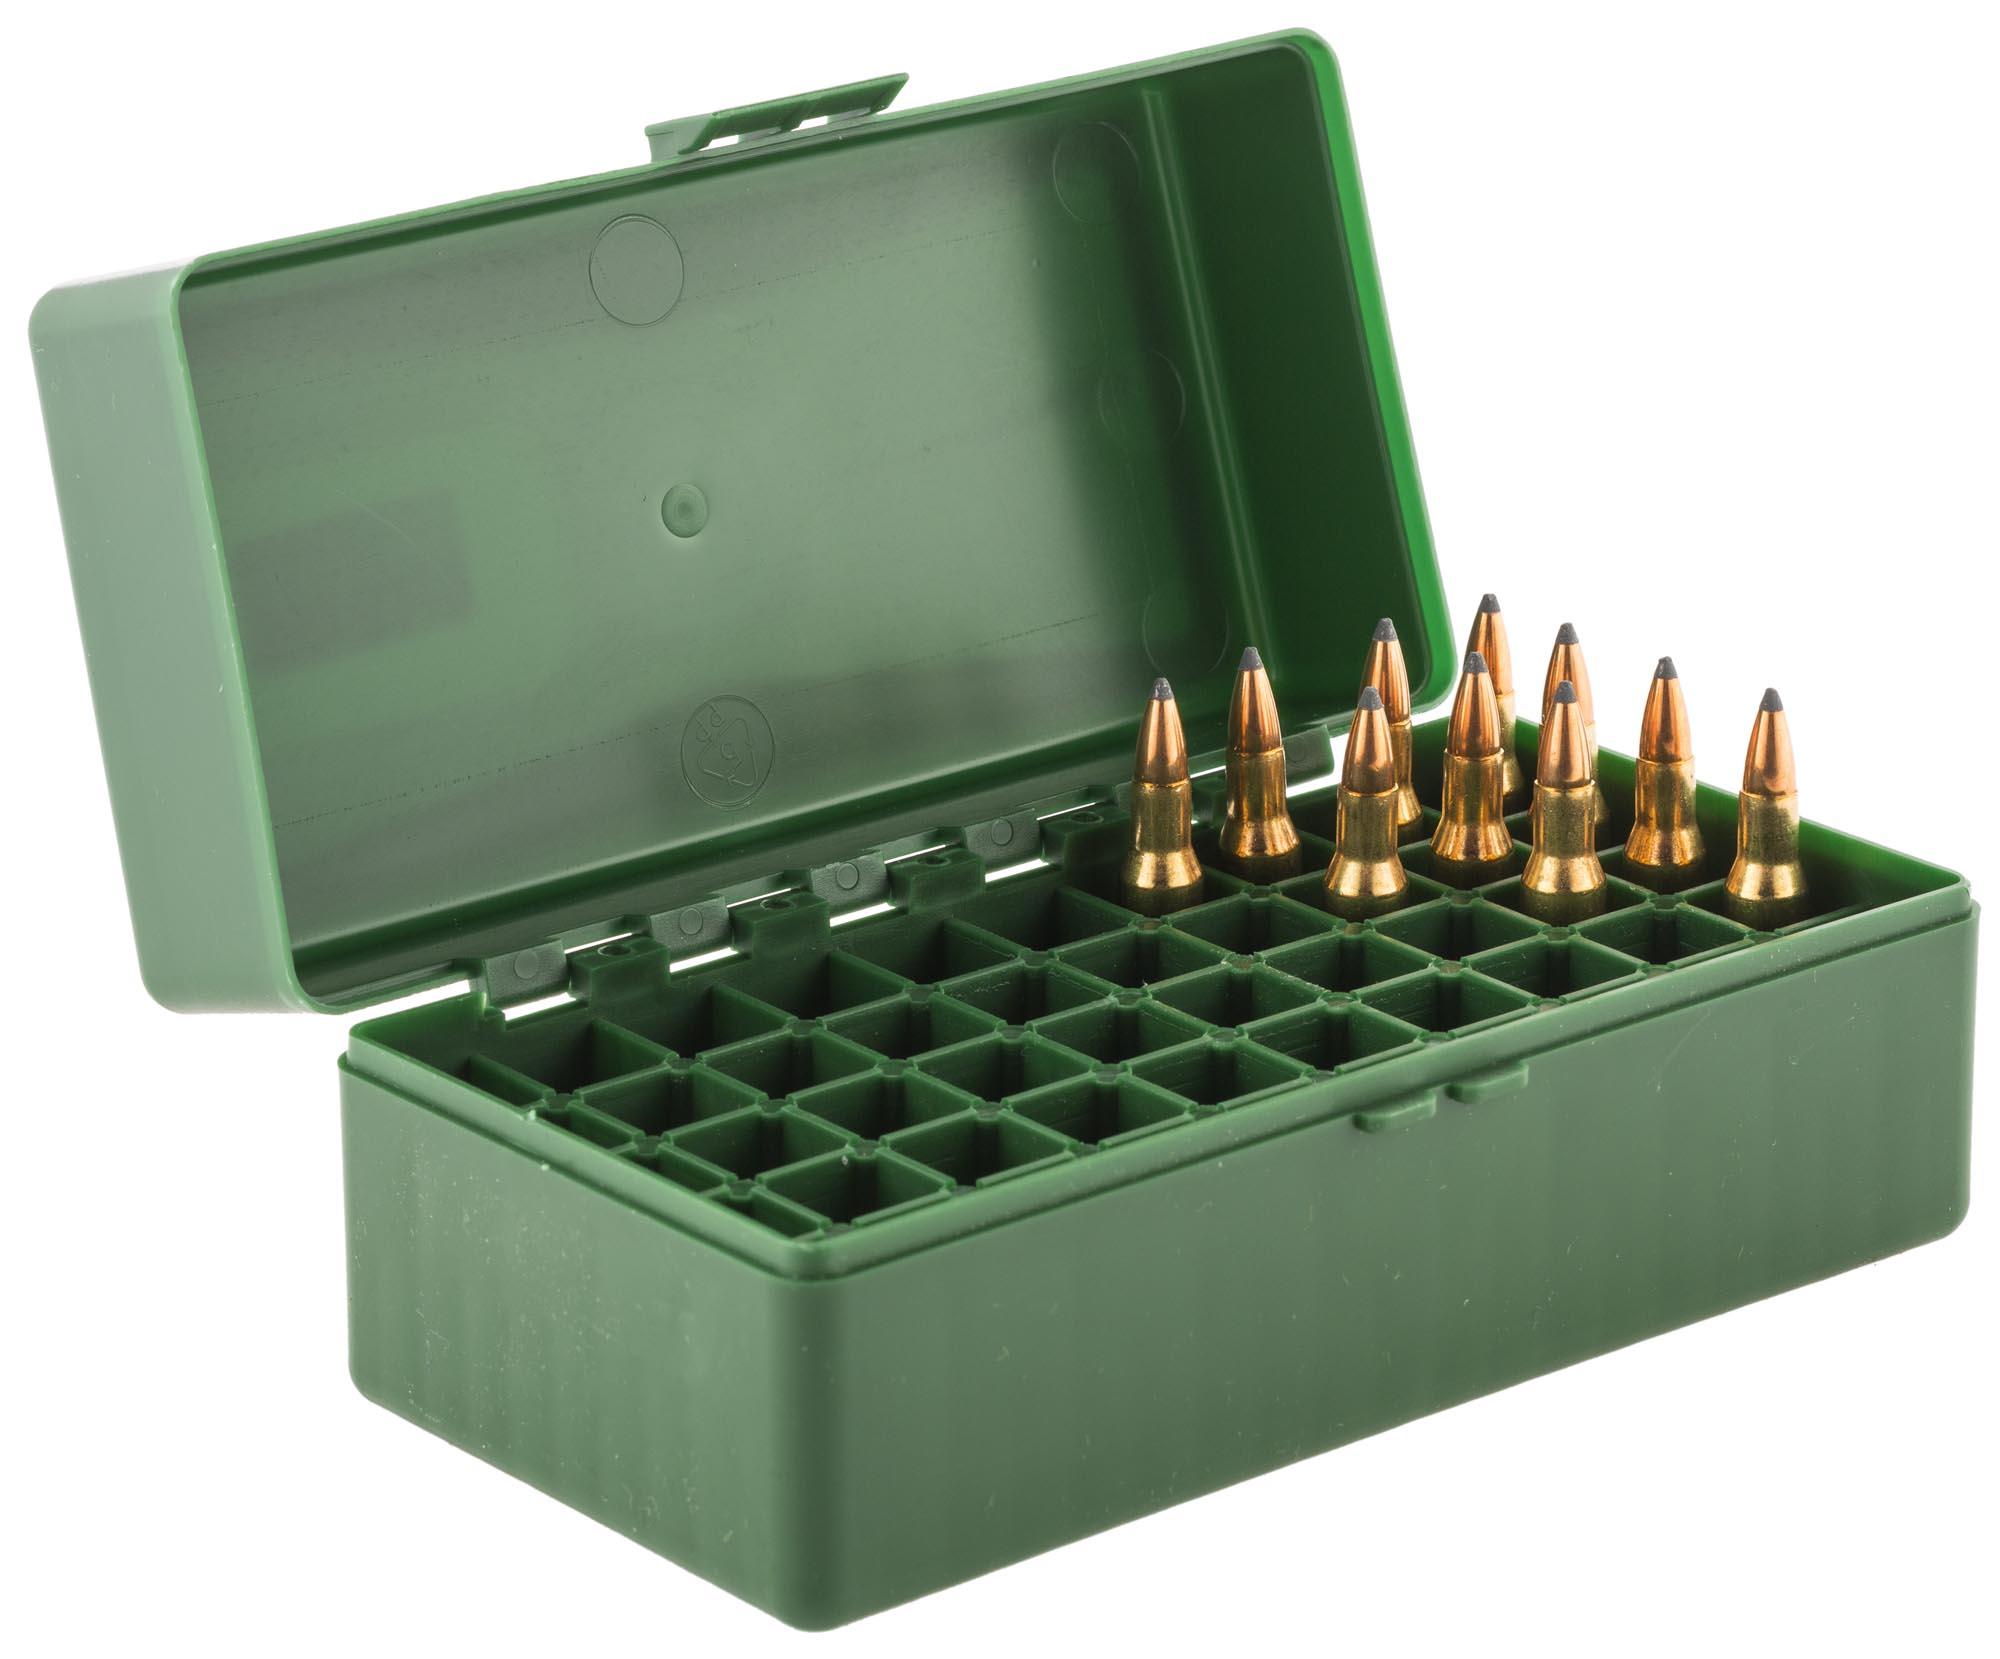 MAL0321 - boîte mégaline de rangement 50 munitions 222 / 223 Mégaline MAL0321 : Vente de ...